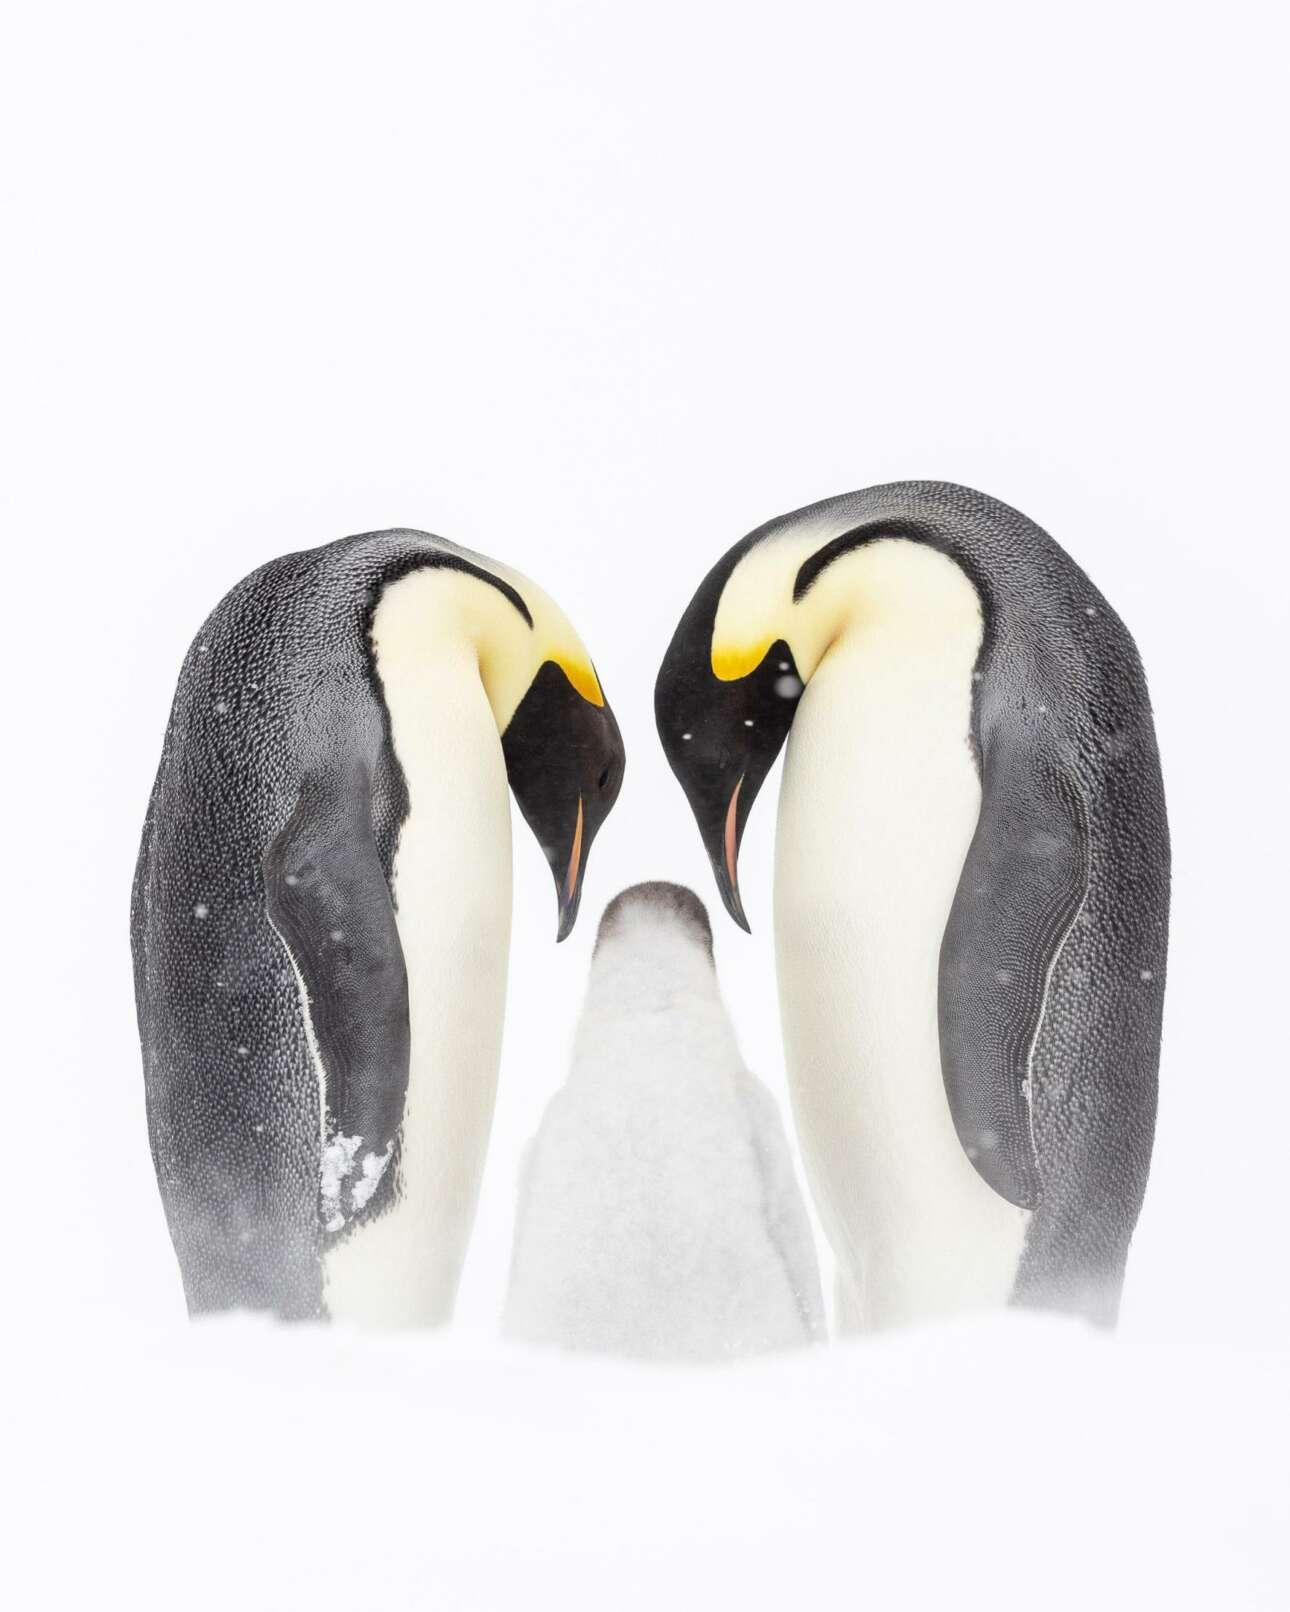 Φιναλίστ στην κατηγορία Πολικό: μία χαριτωμένη οικογένεια αυτοκρατορικών πιγκουίνων στην απομακρυσμένη Ανταρκτική